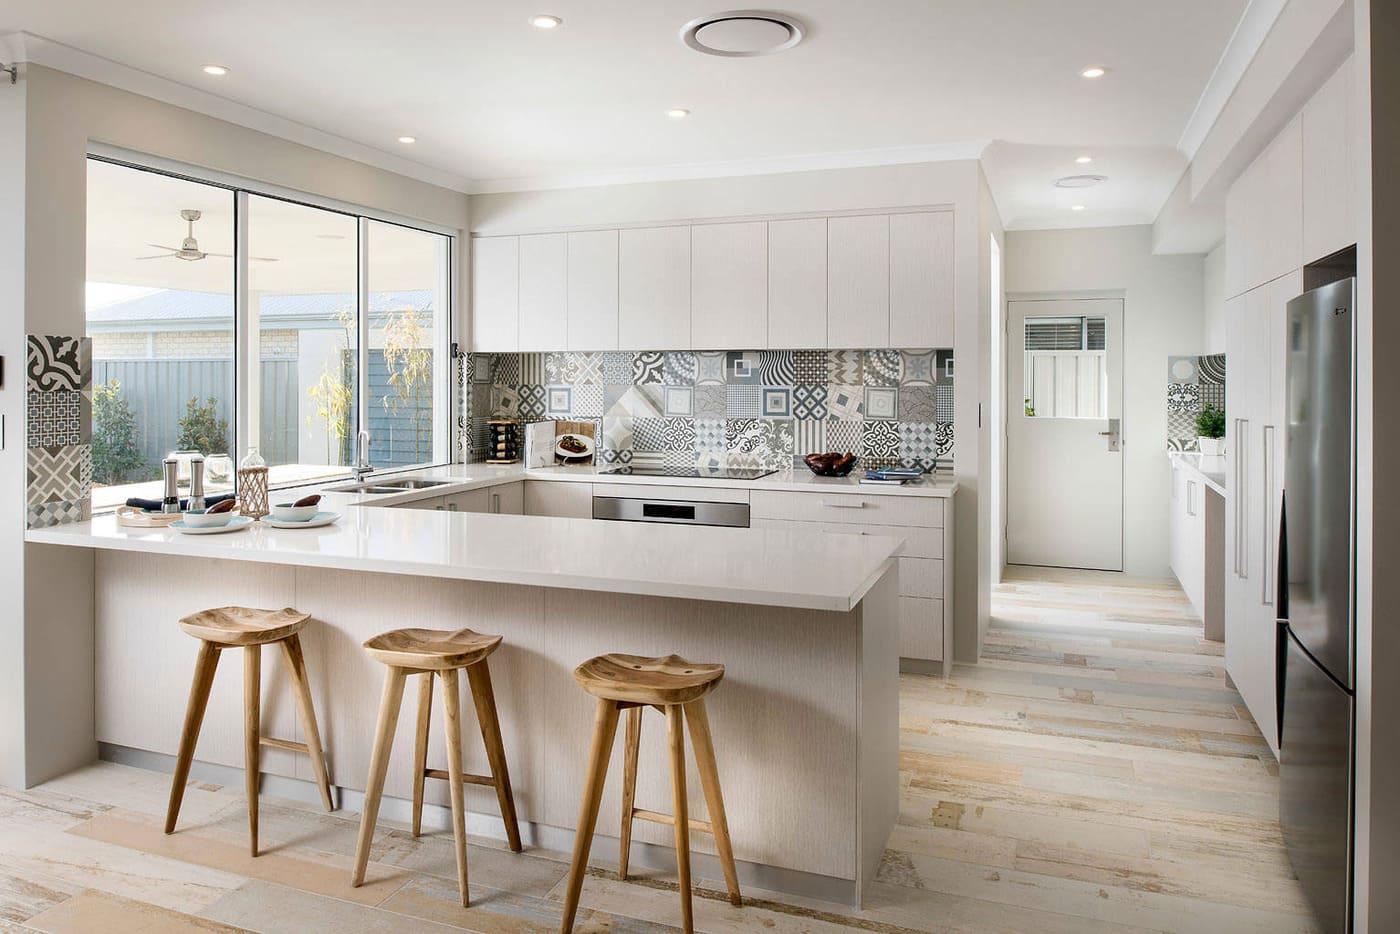 phòng bếp art deco nhẹ nhàng - Housedesign